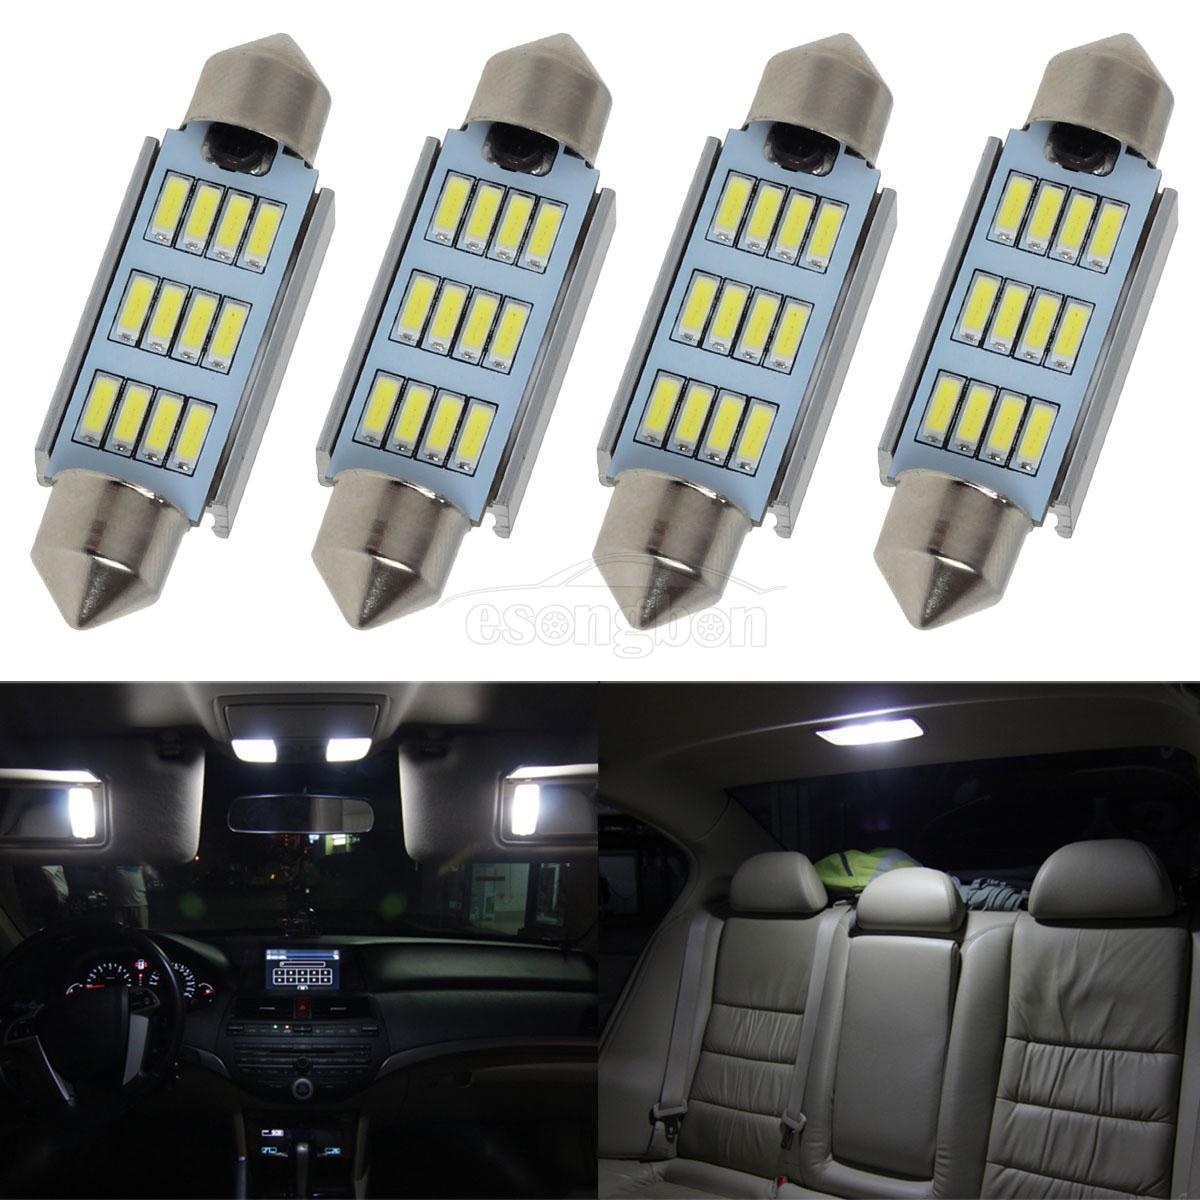 2x Canbus White 42MM 4014 20SMD Festoon LED Interior light Bulbs 6000K Top Nice